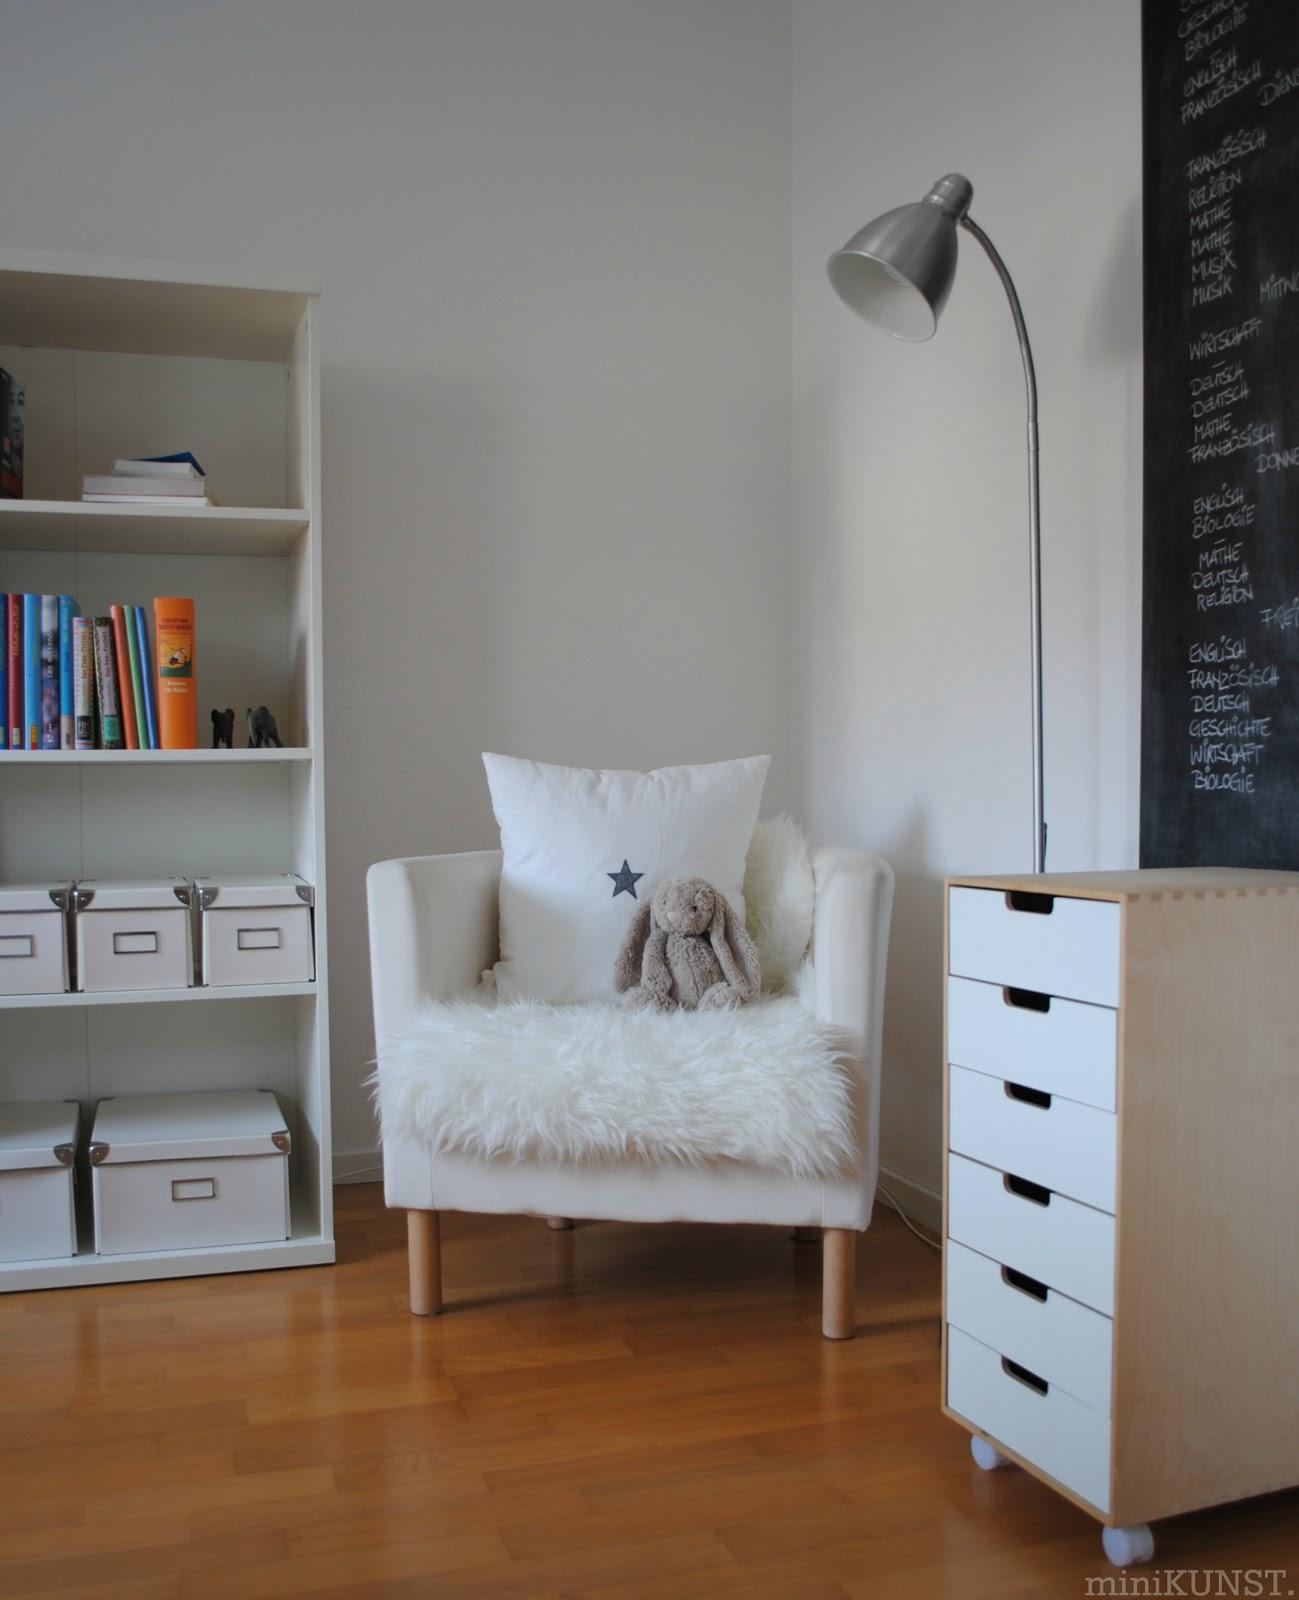 kleiderablage schlafzimmer | jtleigh.com - hausgestaltung ideen - Kleiderablage Im Schlafzimmer Kreative Wohnideen